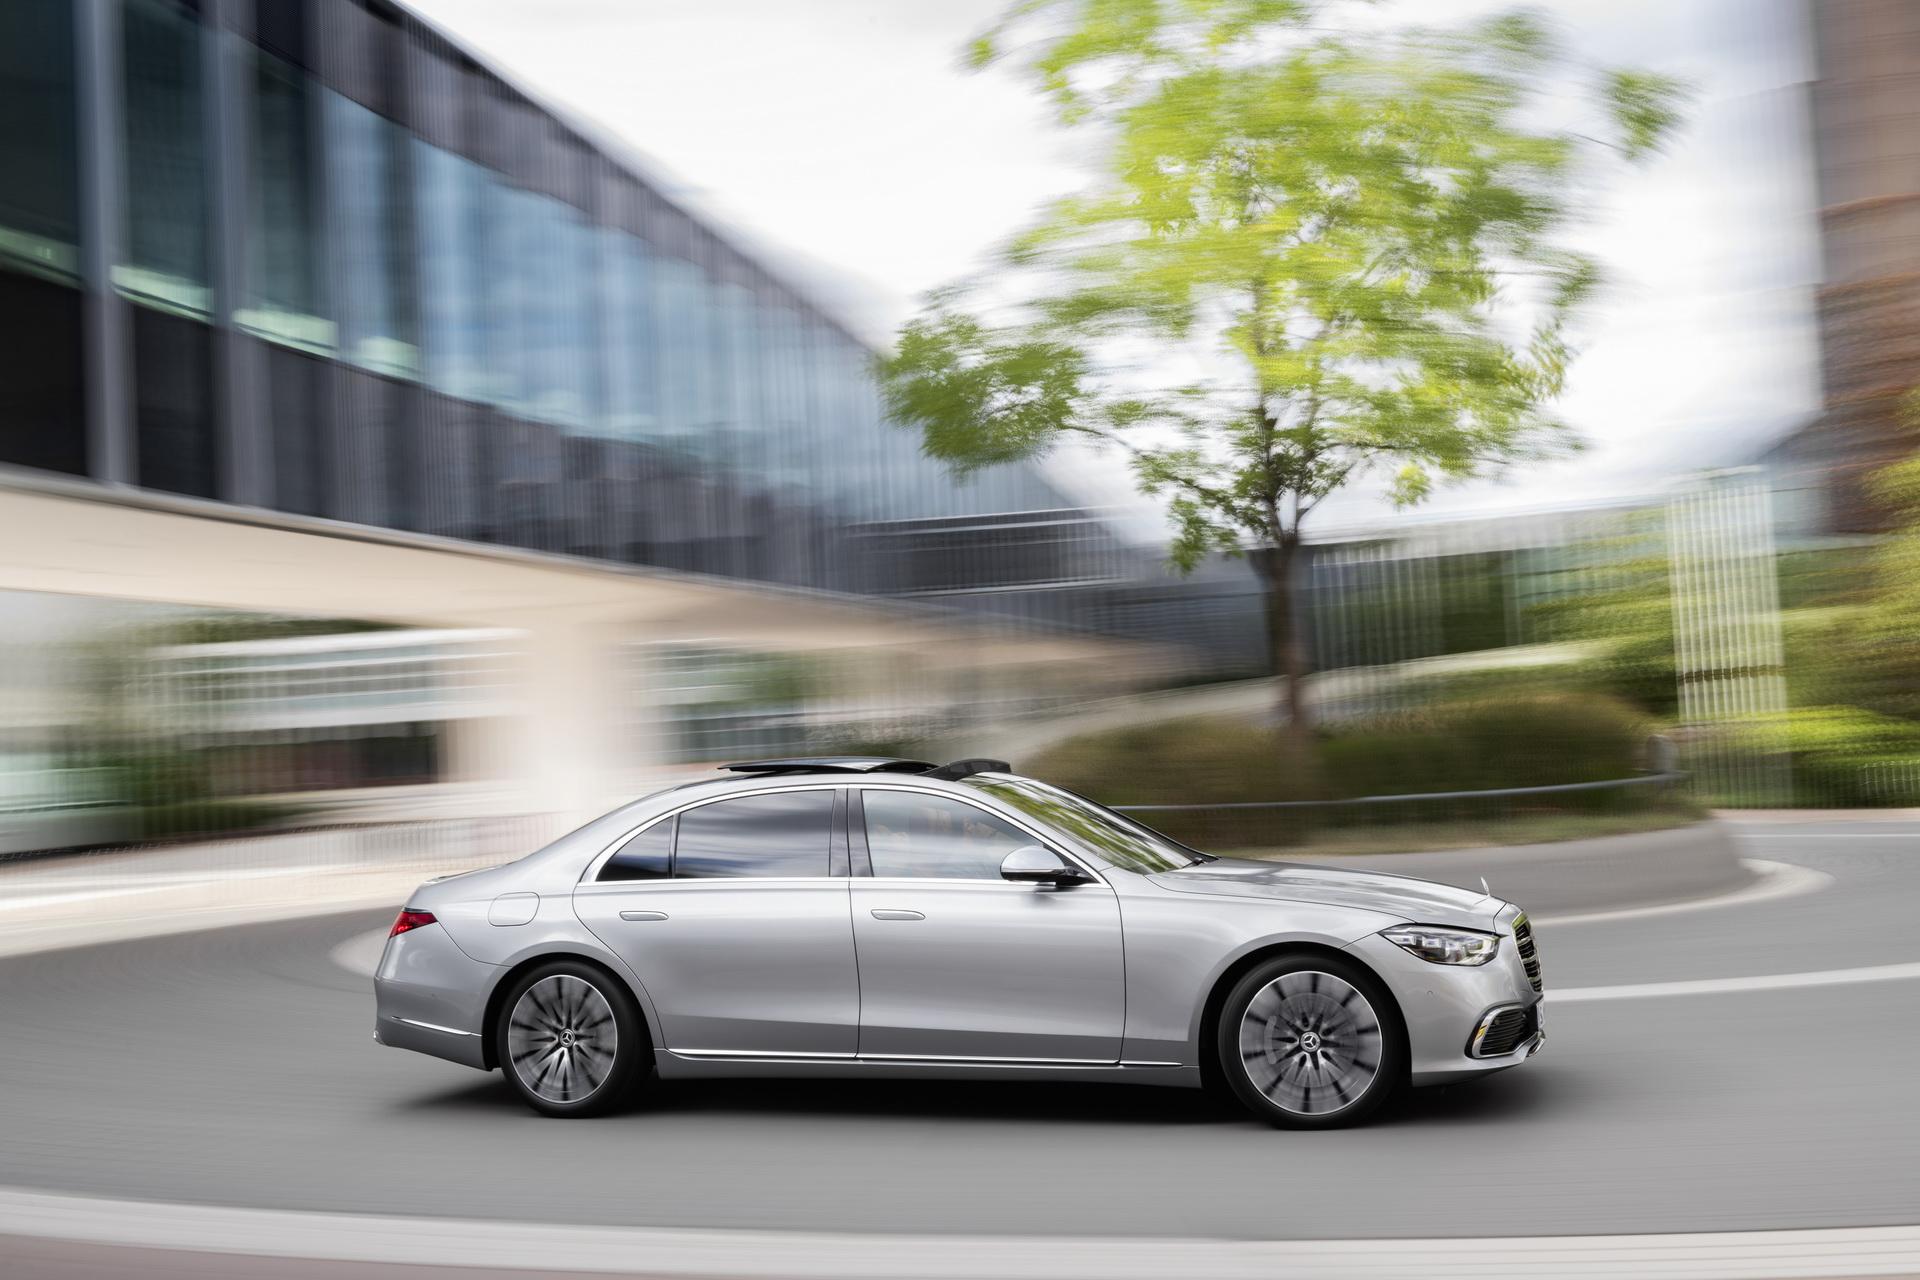 Mercedes-Benz gửi lời xin lỗi tới khách hàng vì phải triệu hồi S-Class thế hệ mới -1